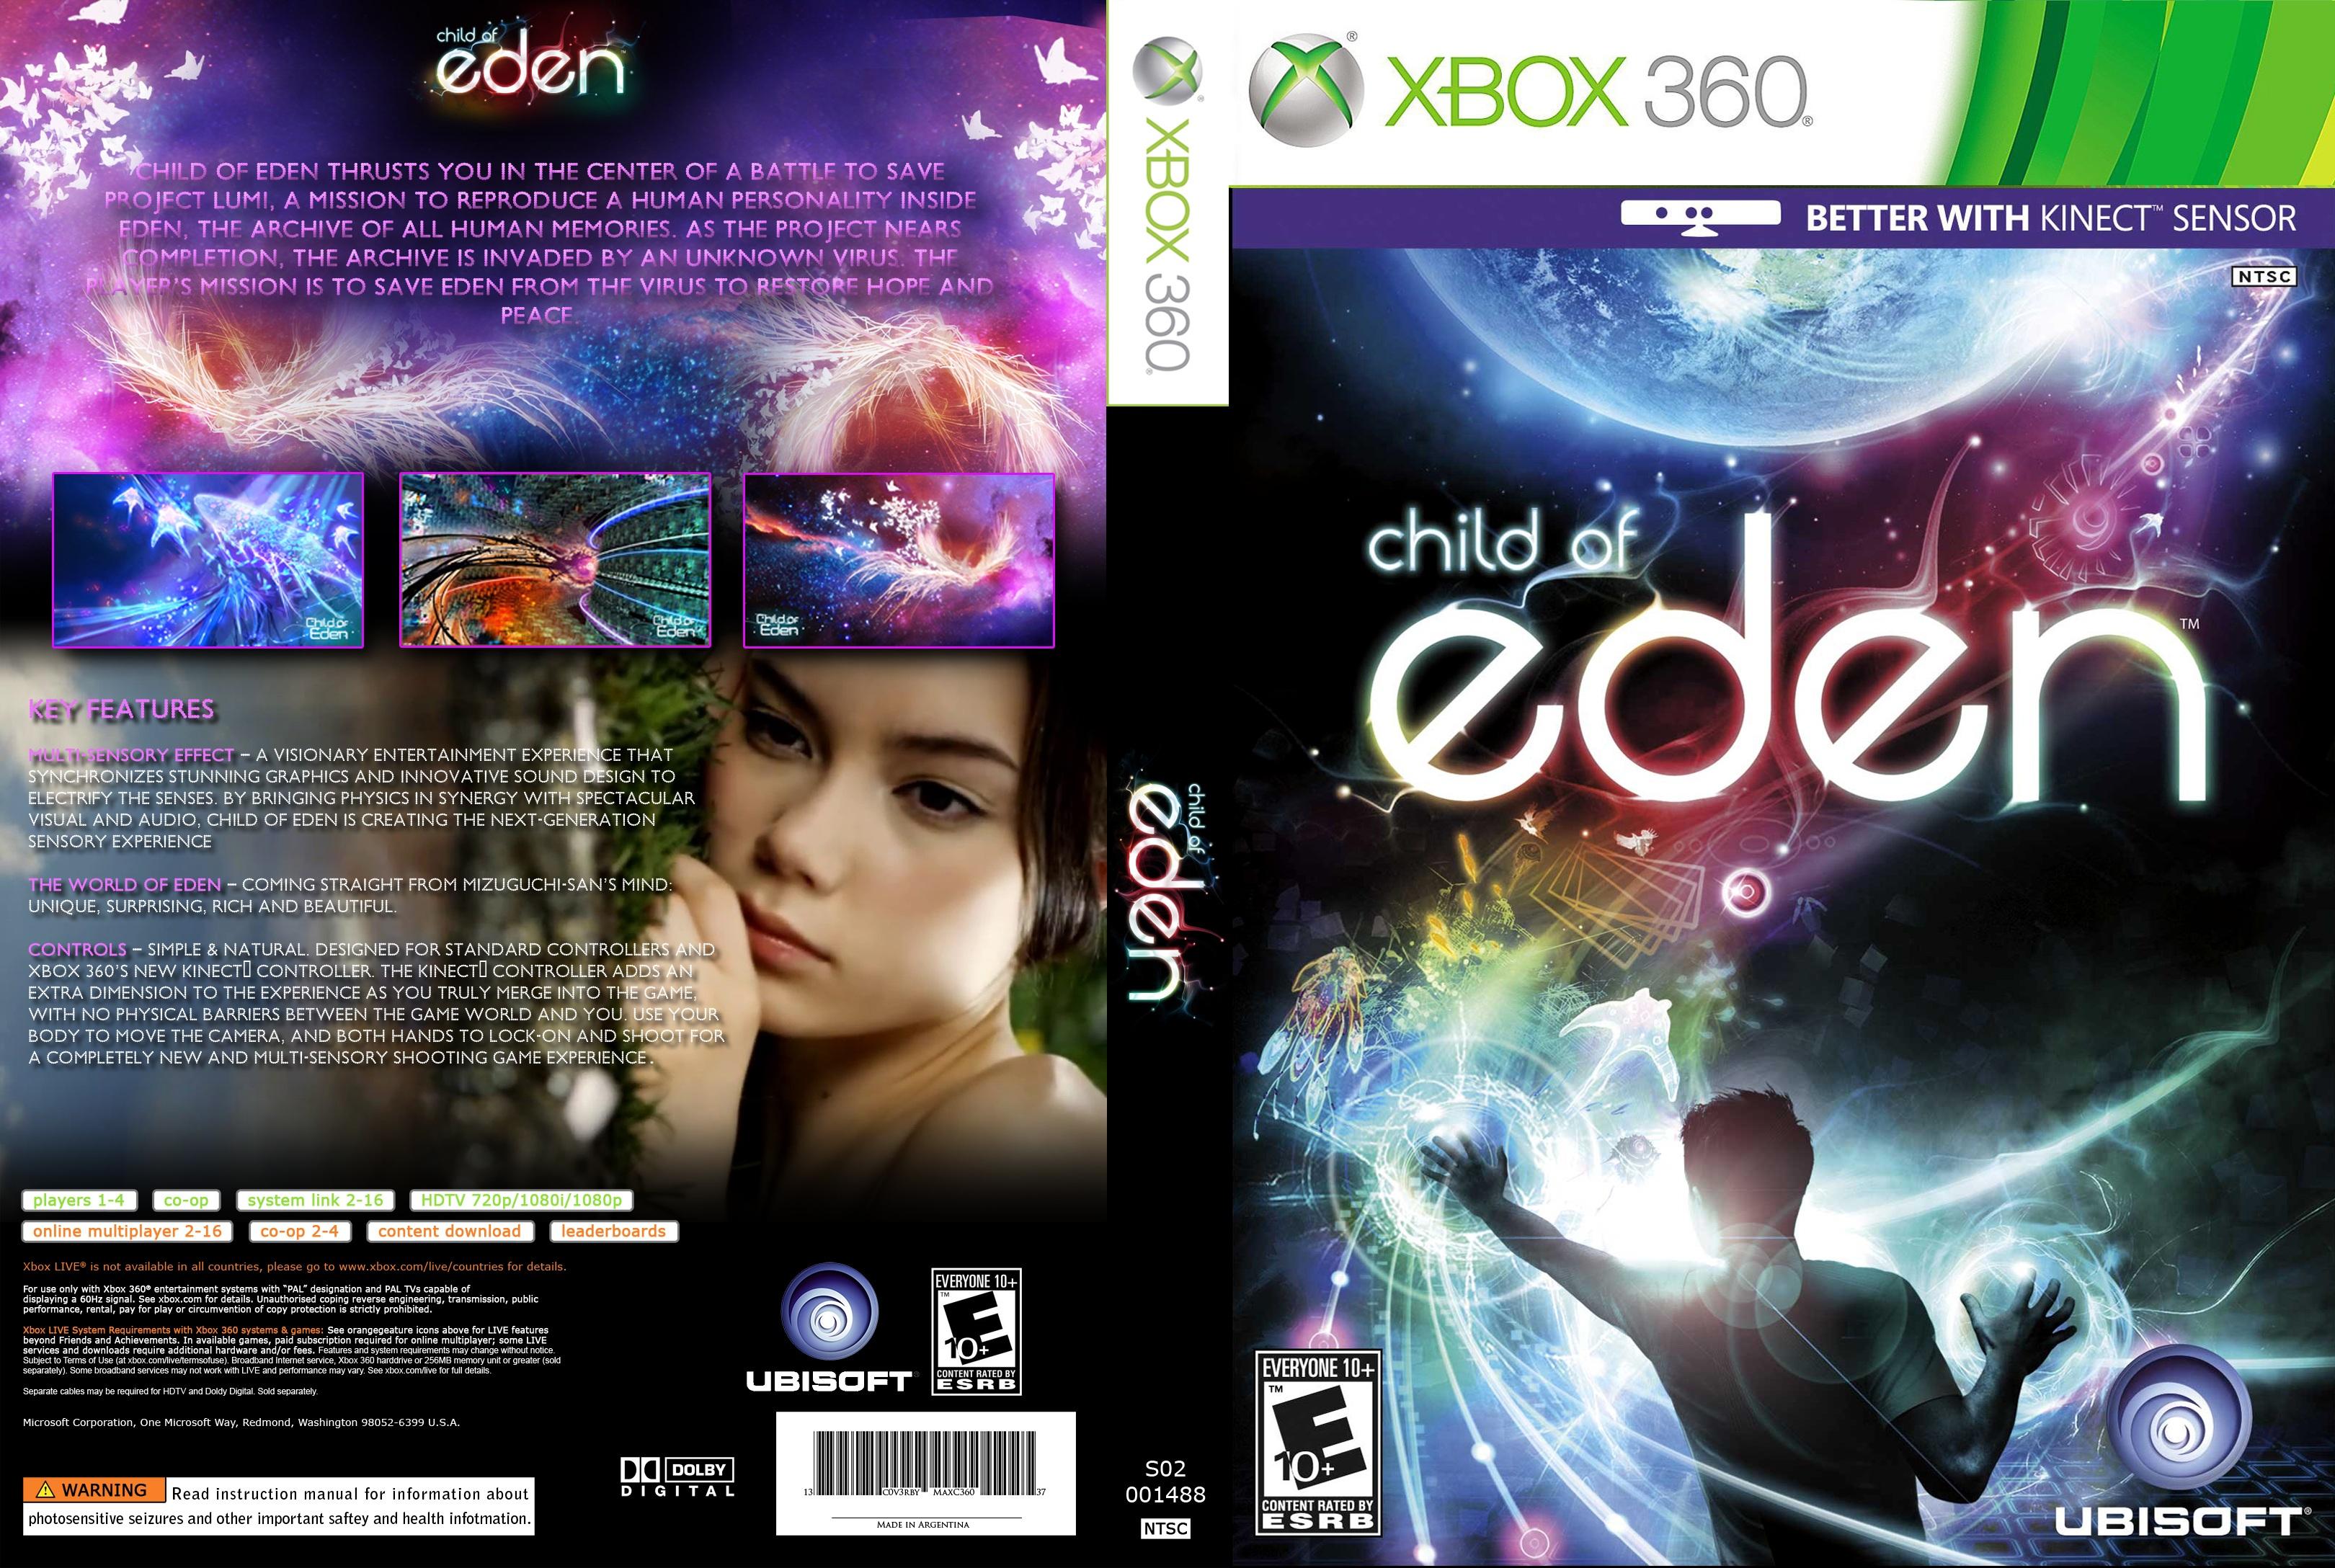 ChildOfEden